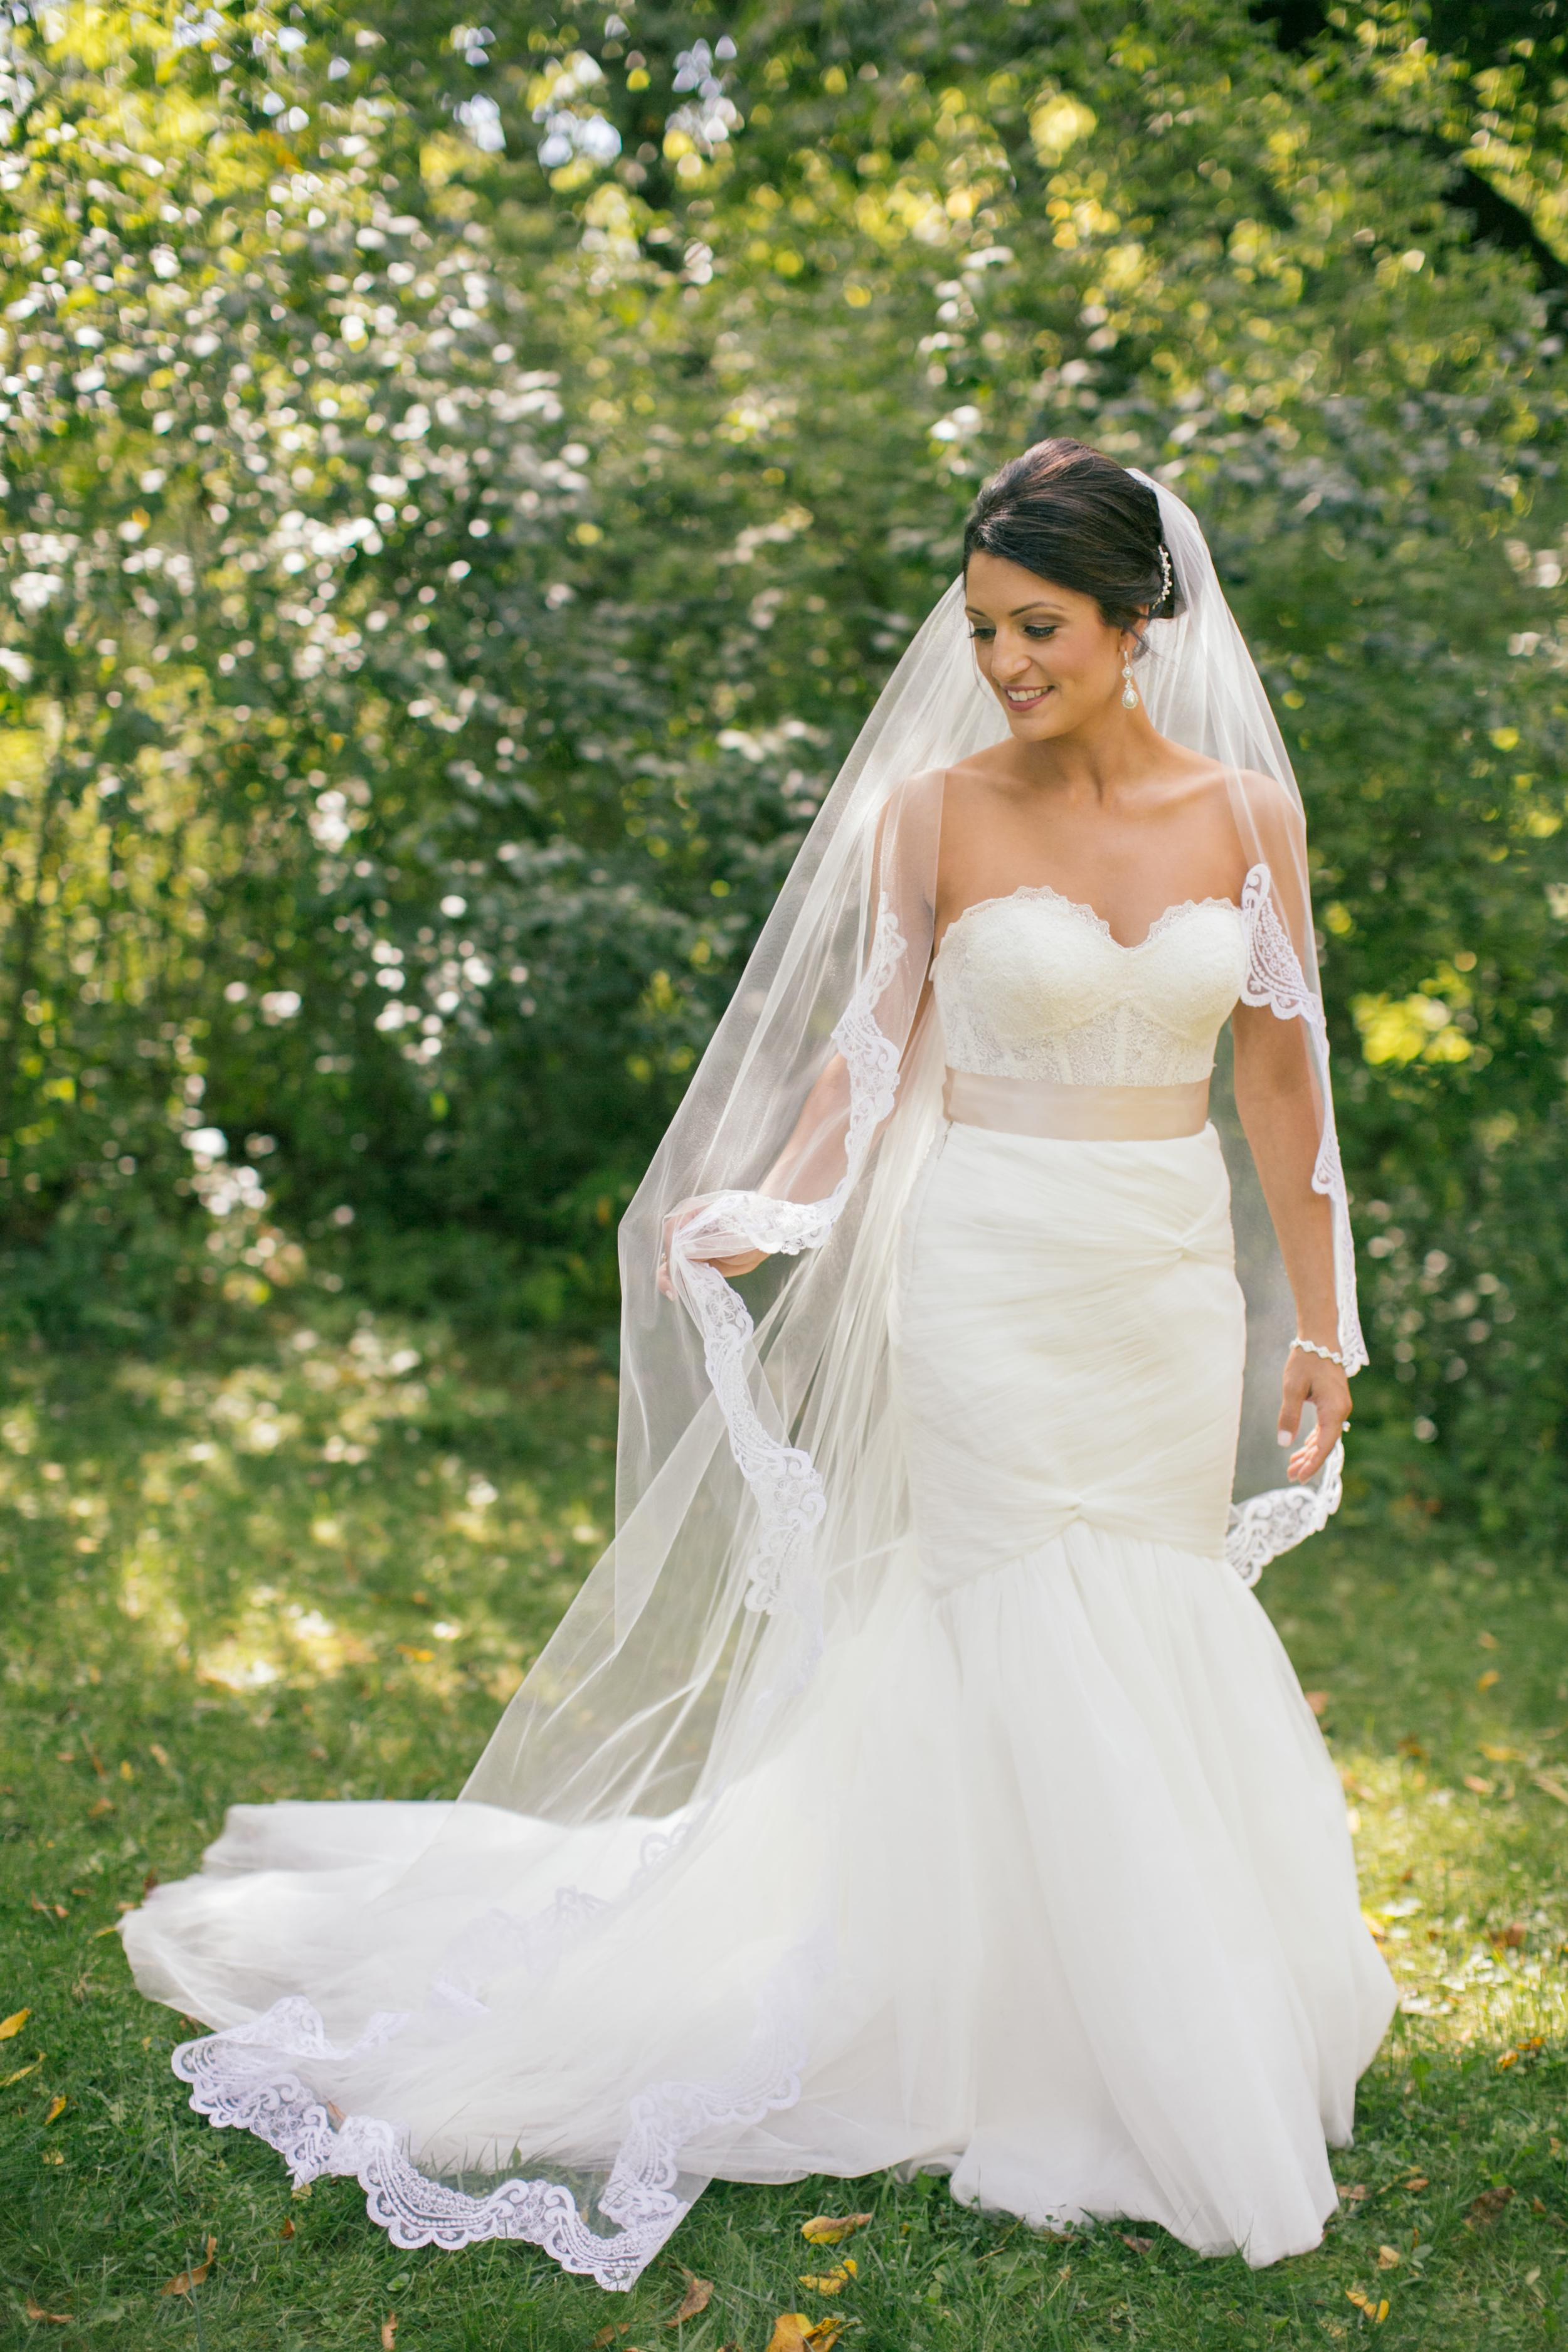 Ashley+Aaron_Acowsay_Cinema_Milwaukee_Wisconsin_Wedding_Bride_3.jpg